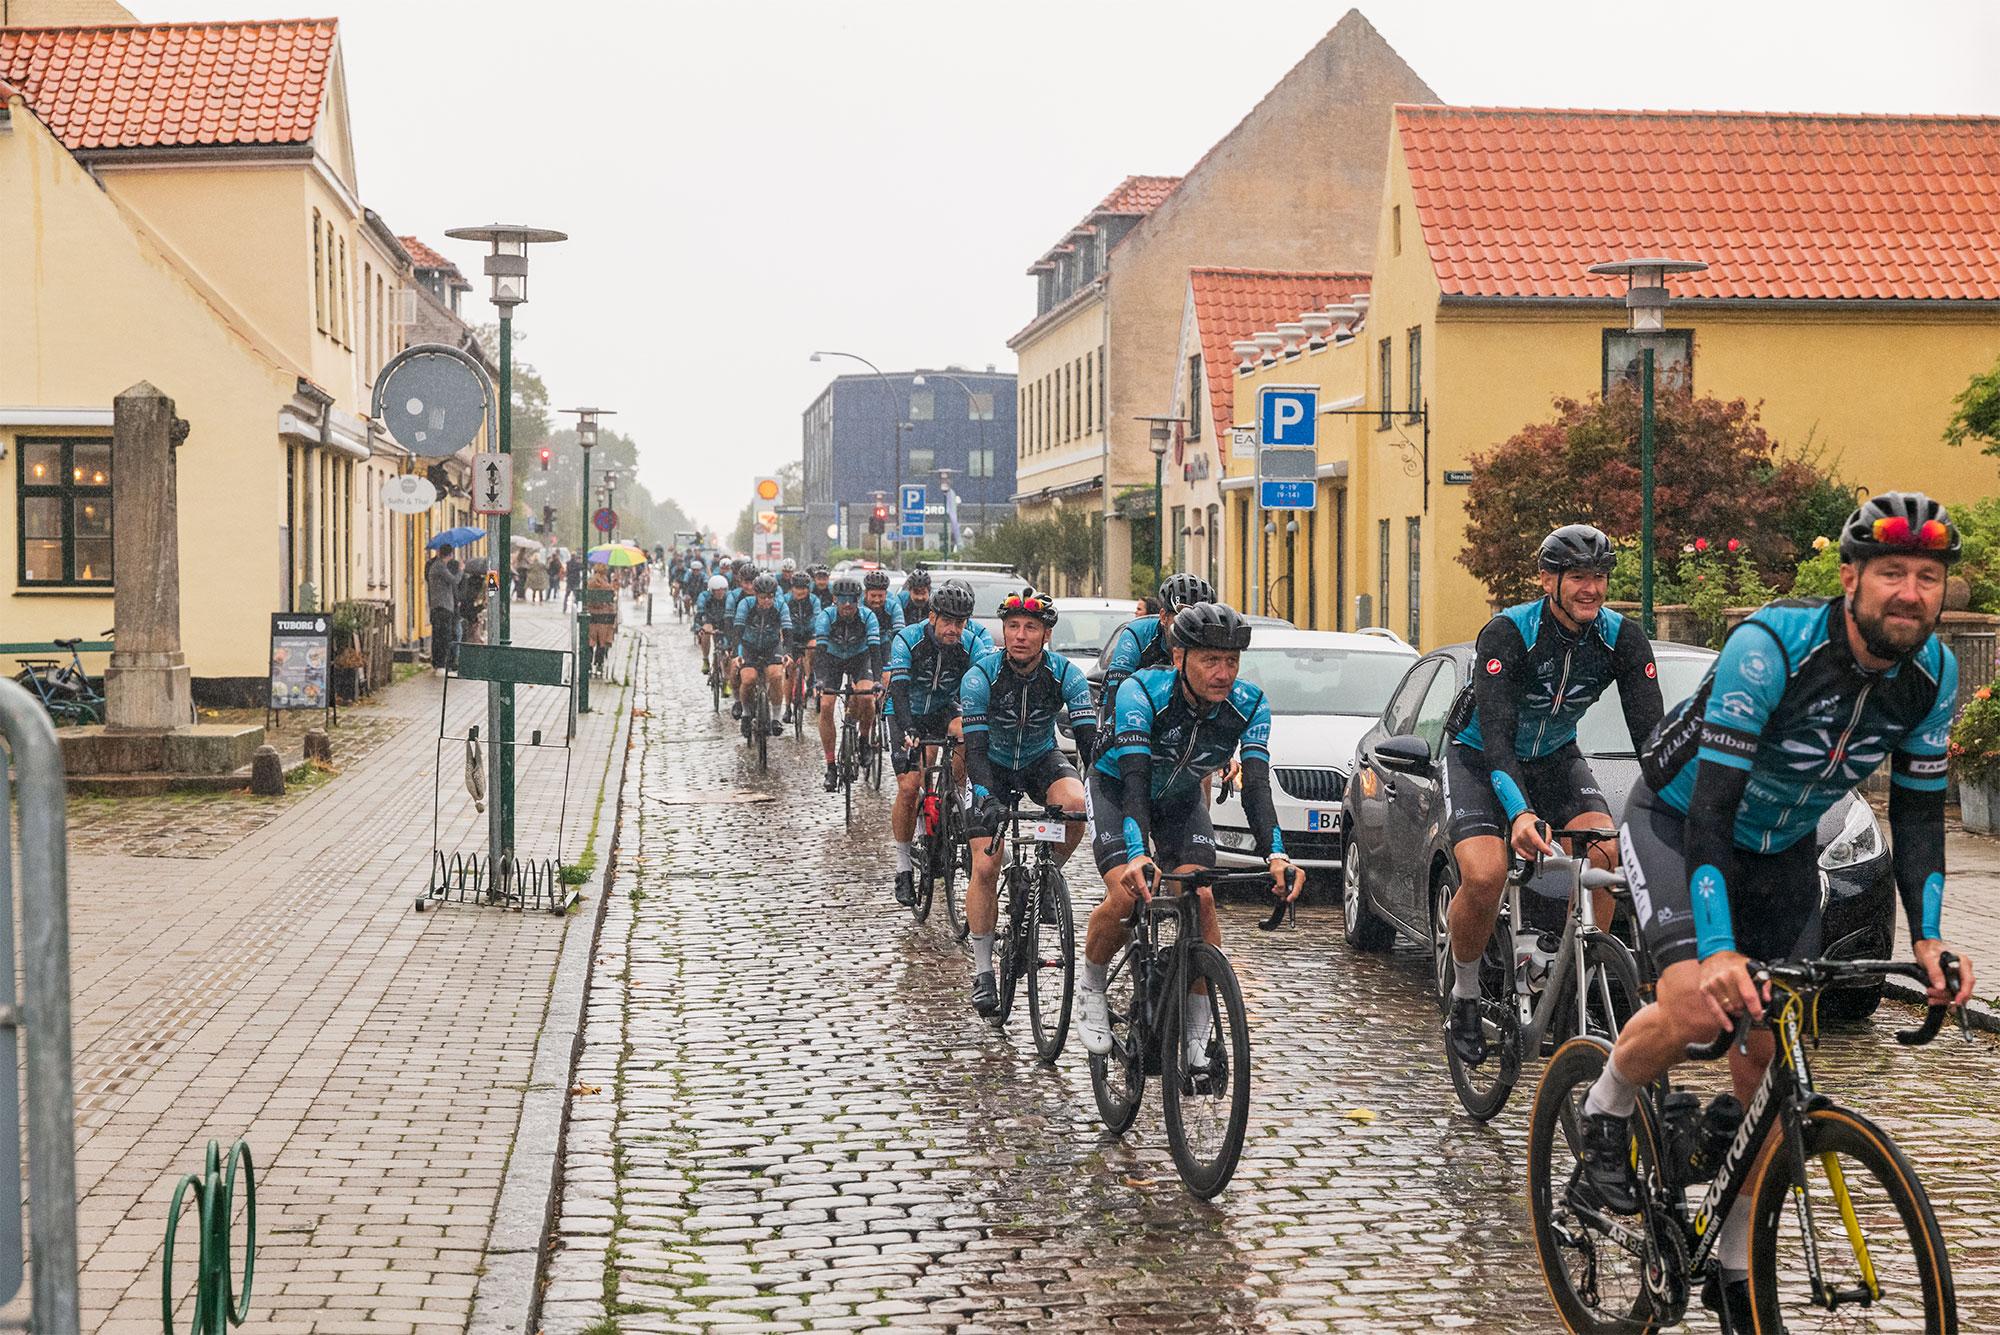 I et særarrangement for Stafet For Livet lørdag den 12. september ankom cykelryttere efter en længere køretur til Kongevejen i regn – megen regn. Foto: TorbenStender.